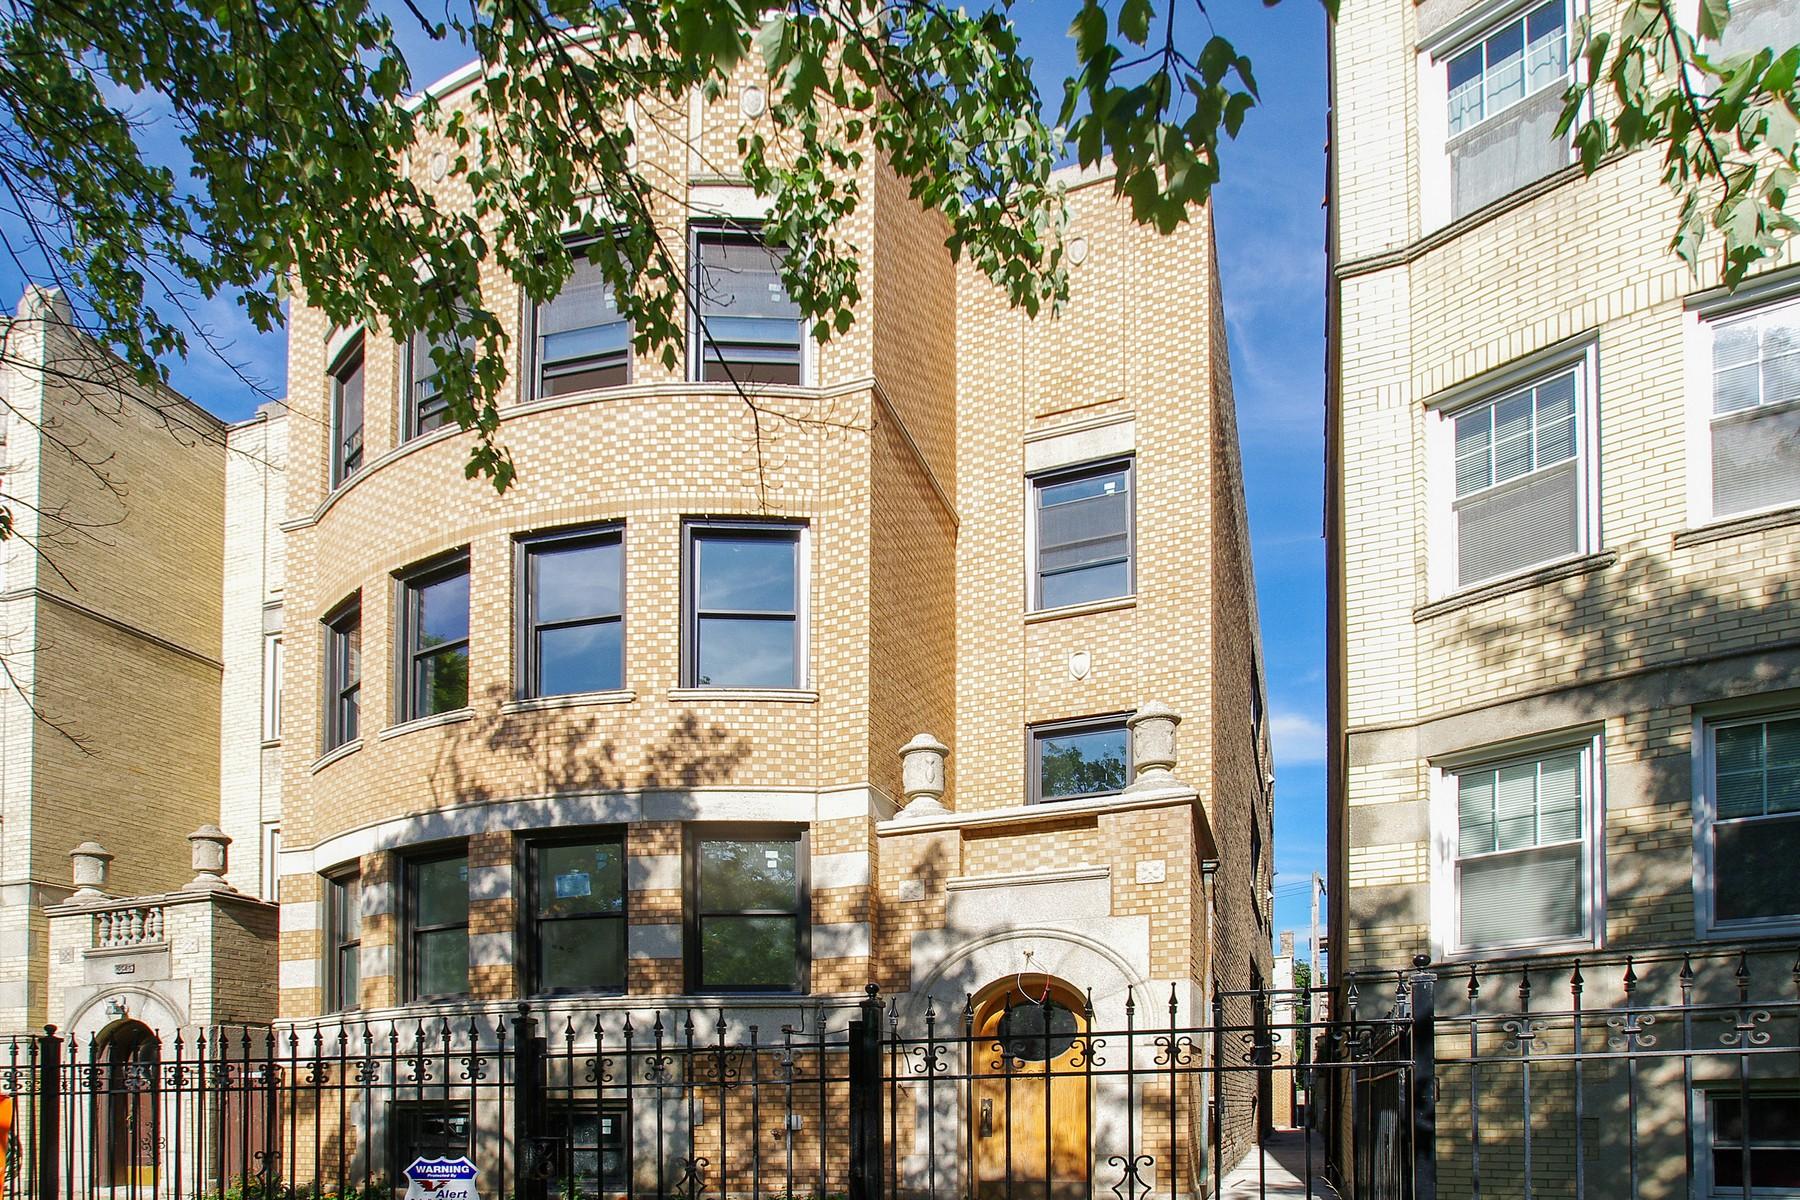 二世帯住宅 のために 売買 アット All New Units in Brick 3-Flat 5639 N Christiana Avenue Chicago, イリノイ, 60659 アメリカ合衆国